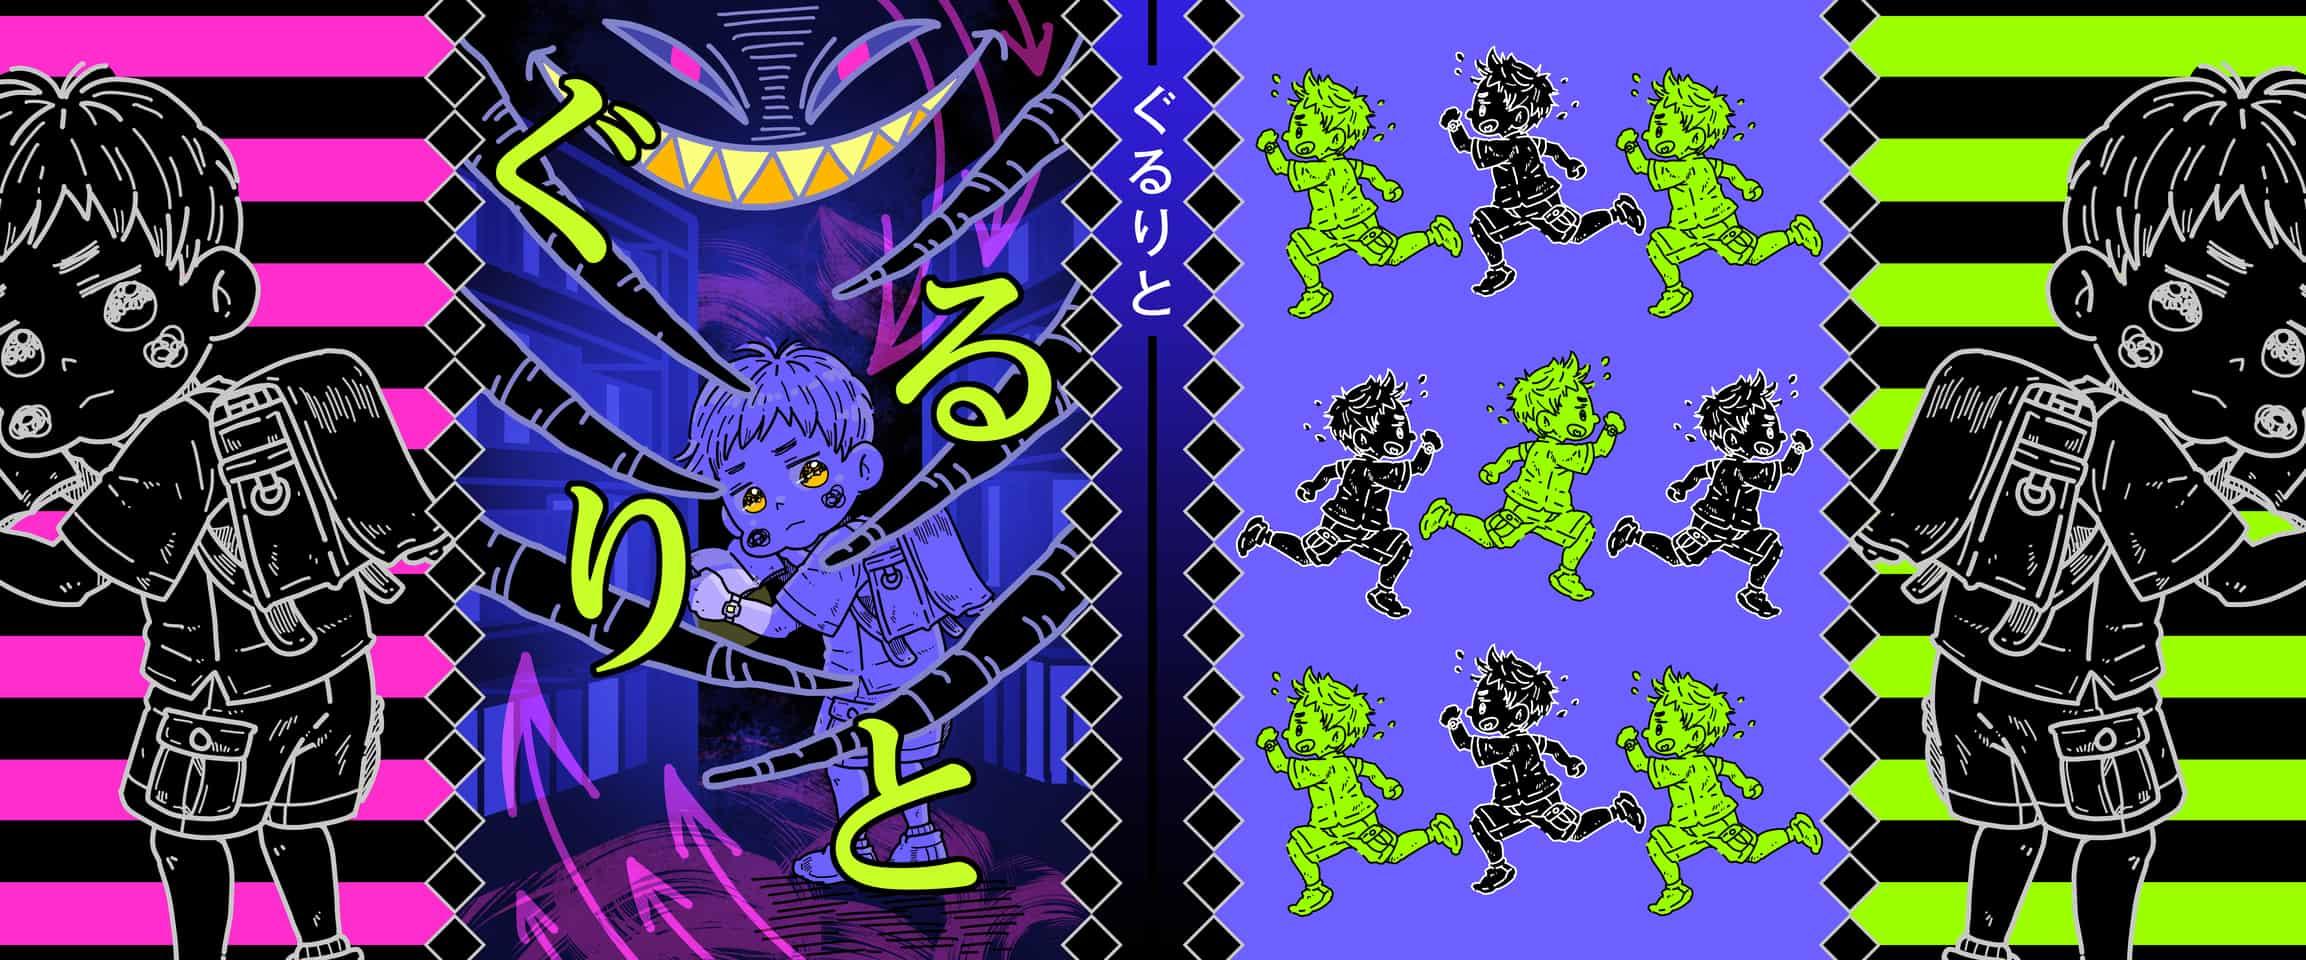 ぐるりと。 Illust of タロコ Spinning_contest ちょっと怖い boy